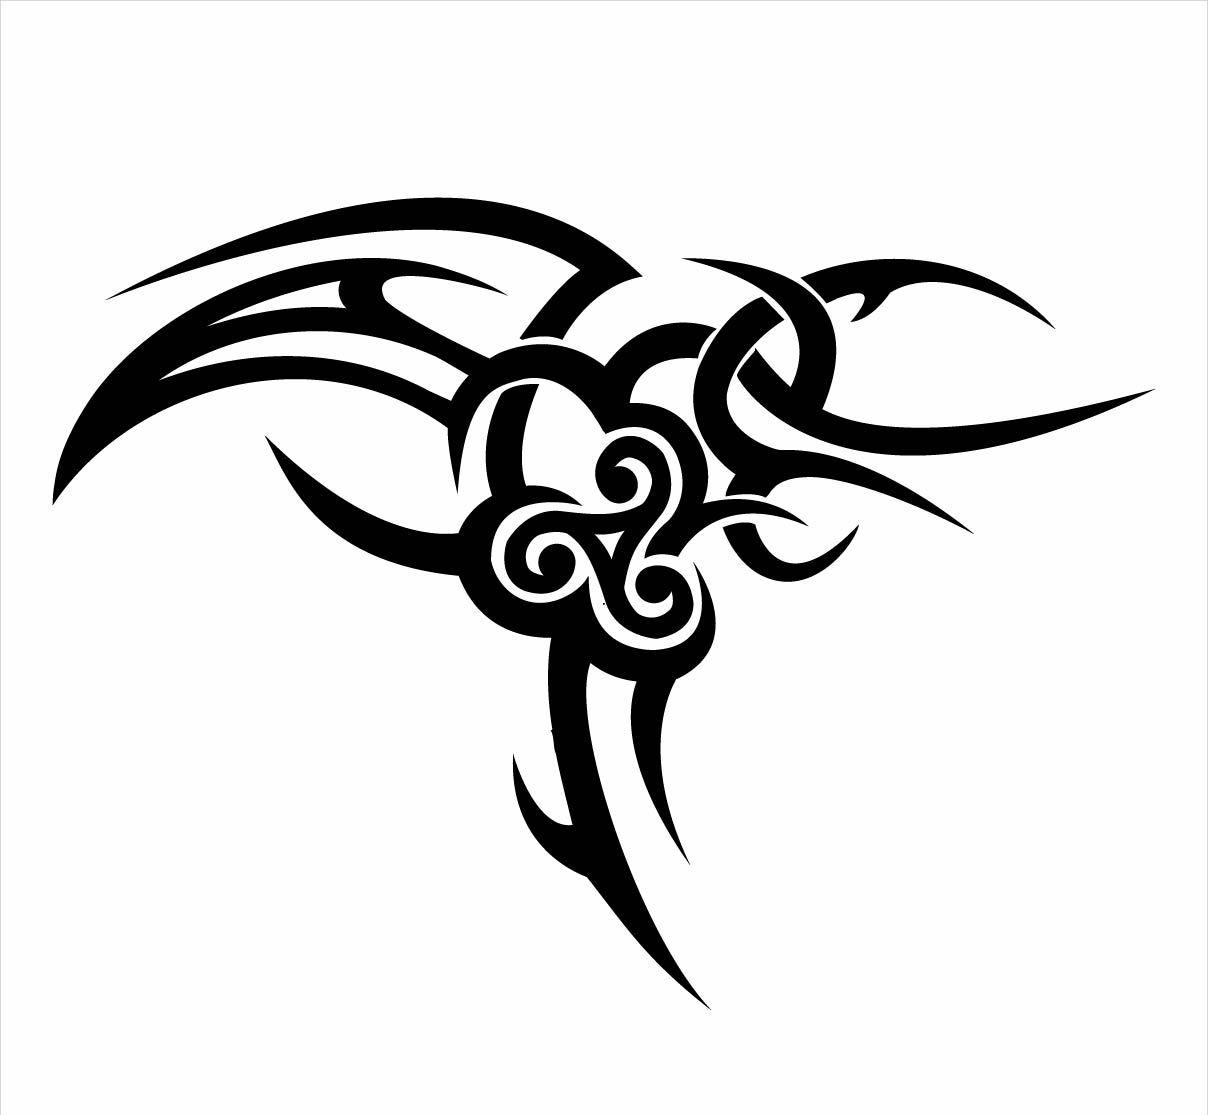 http://3.bp.blogspot.com/-EWWWIMmZxW4/Tam1koP_g1I/AAAAAAAAAHw/Qgm4H9mttkU/s1600/Tribal_Spiral_by_VectorVillainStv.jpg